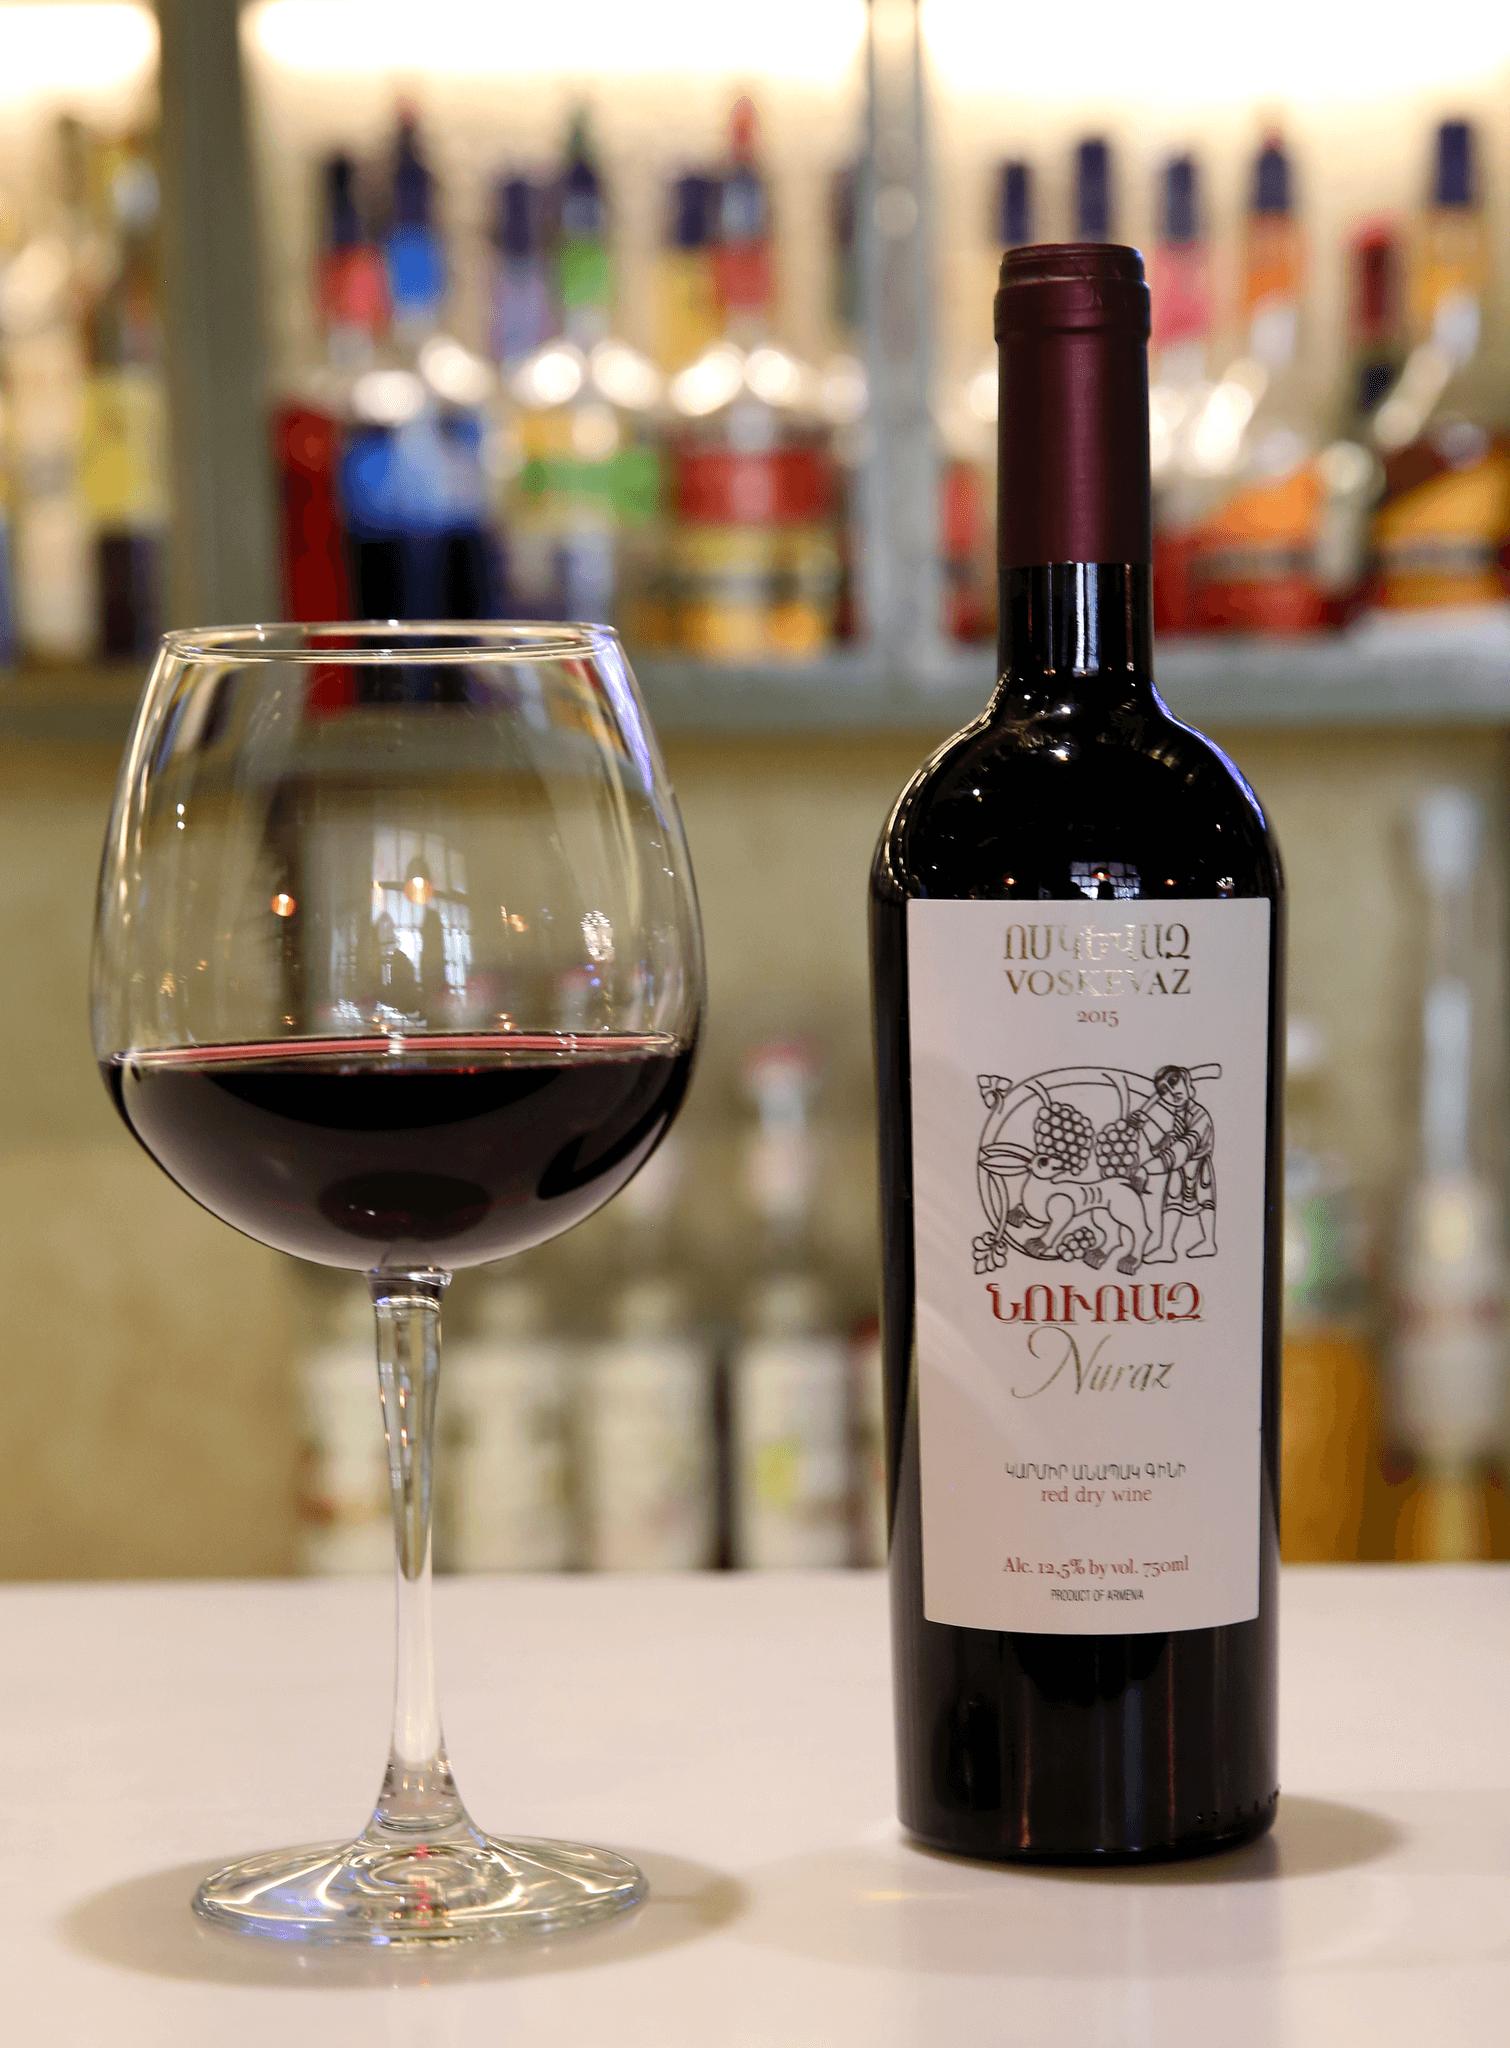 Voskevaz wine